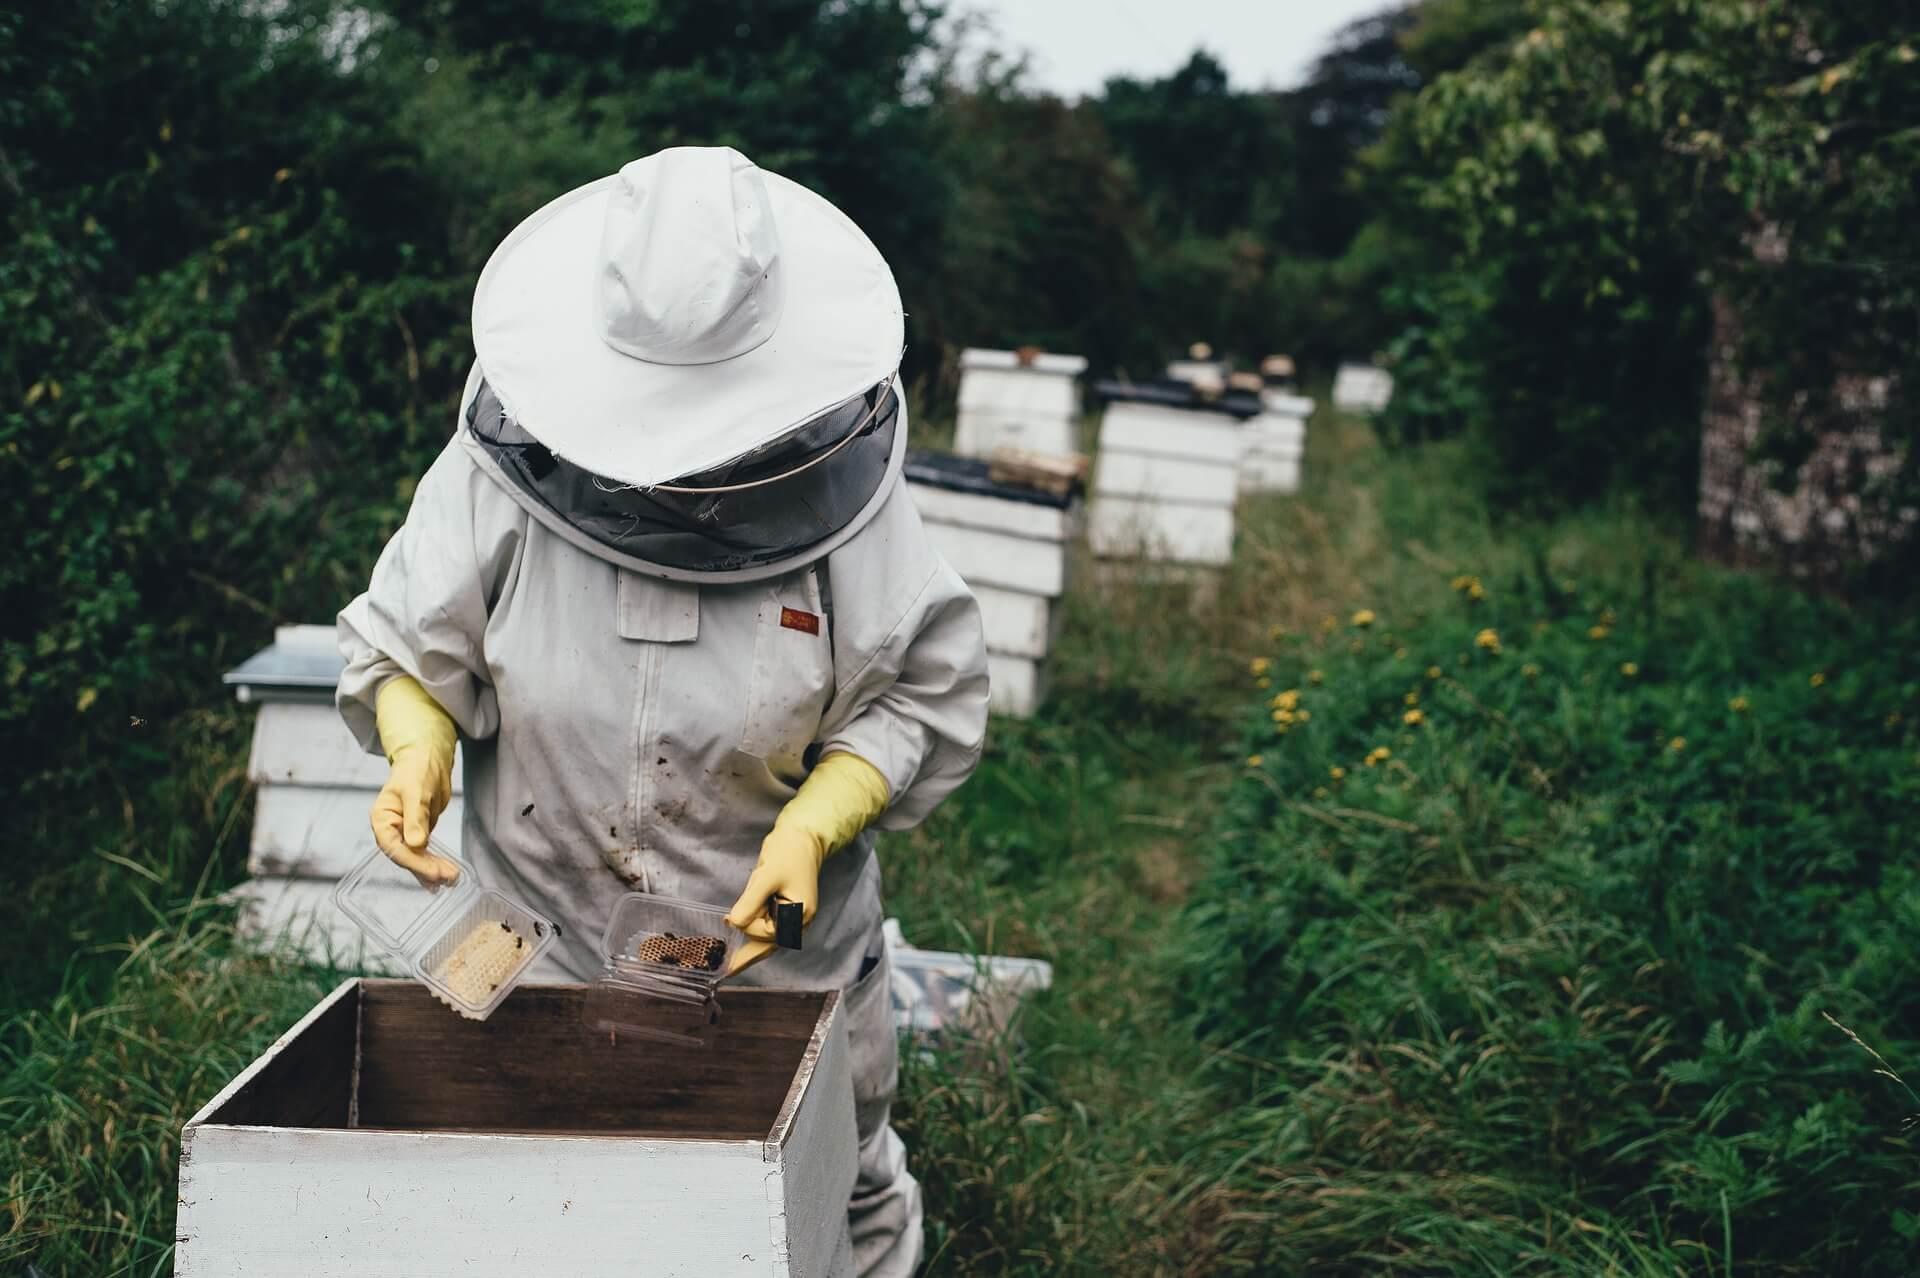 Los apicultores confirman la presencia de la avispa velutina en Palencia - Noticia - admaplagas.es